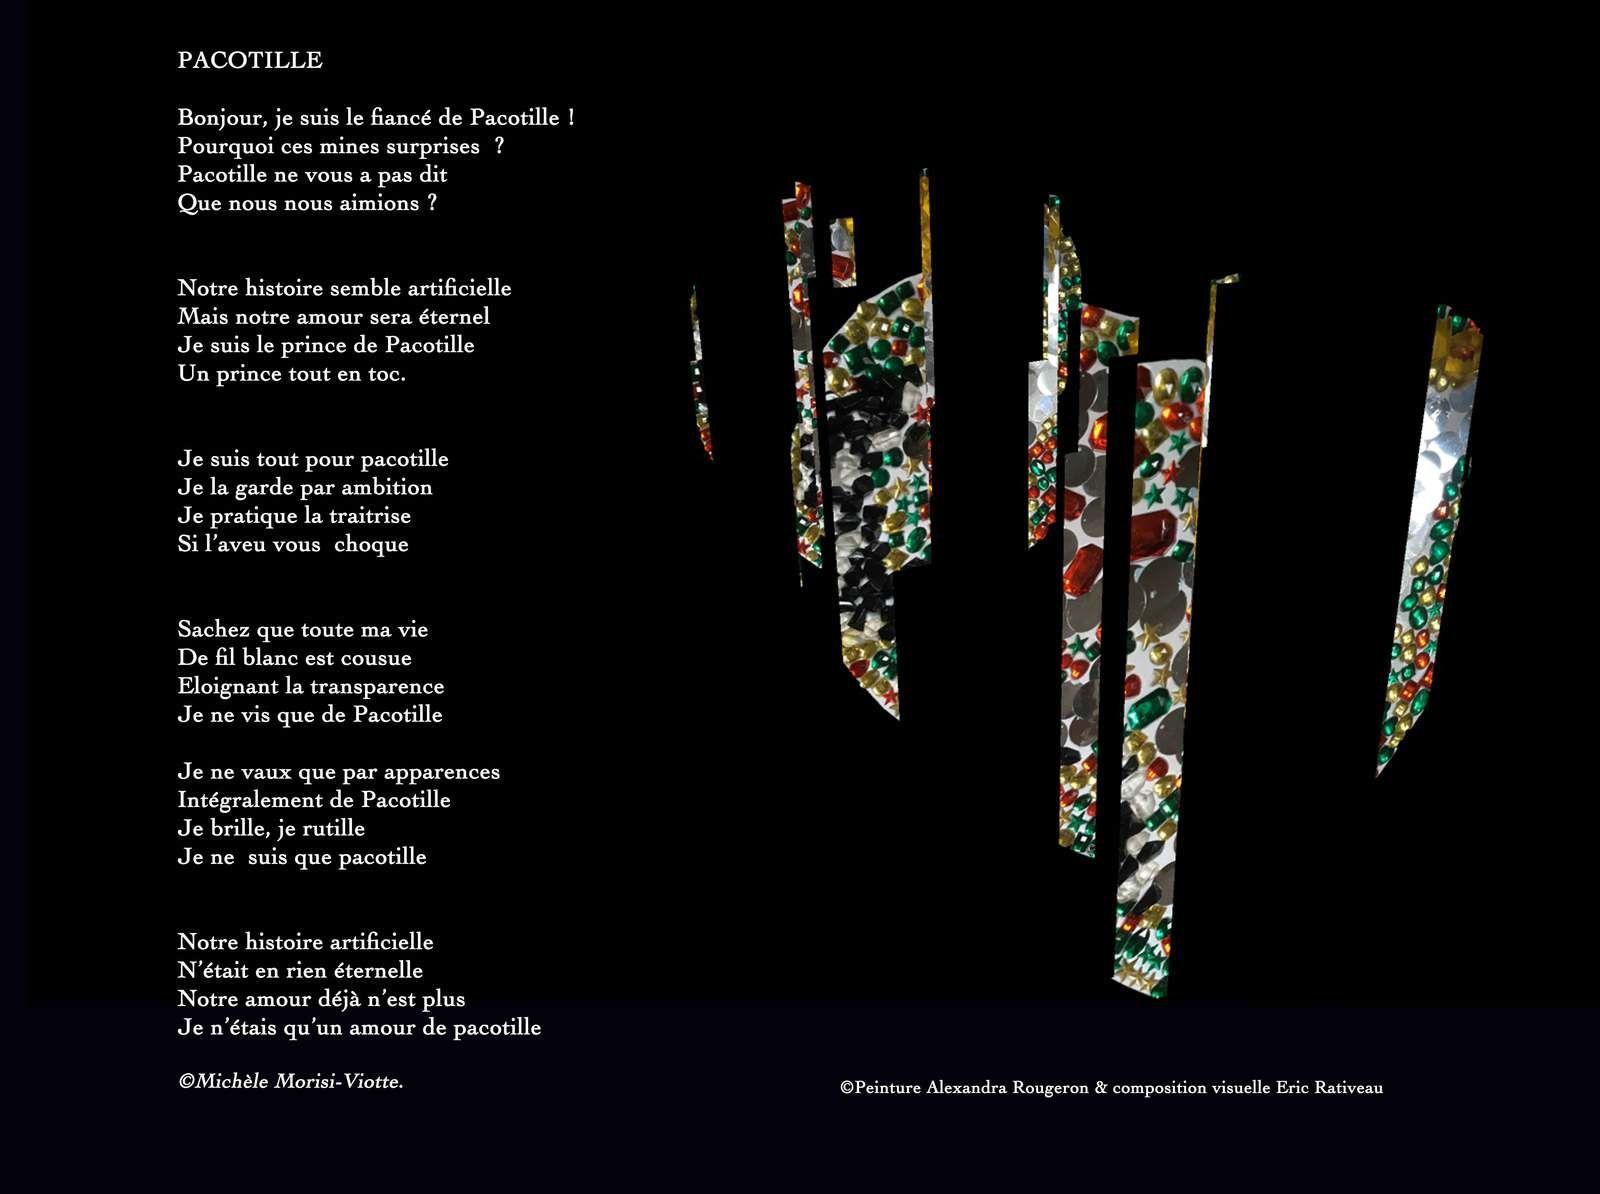 Cliquez sur l'image pour l'aggrandir | Avec la complicité d'écriture de Michéle sur le royaume de Pacotille.